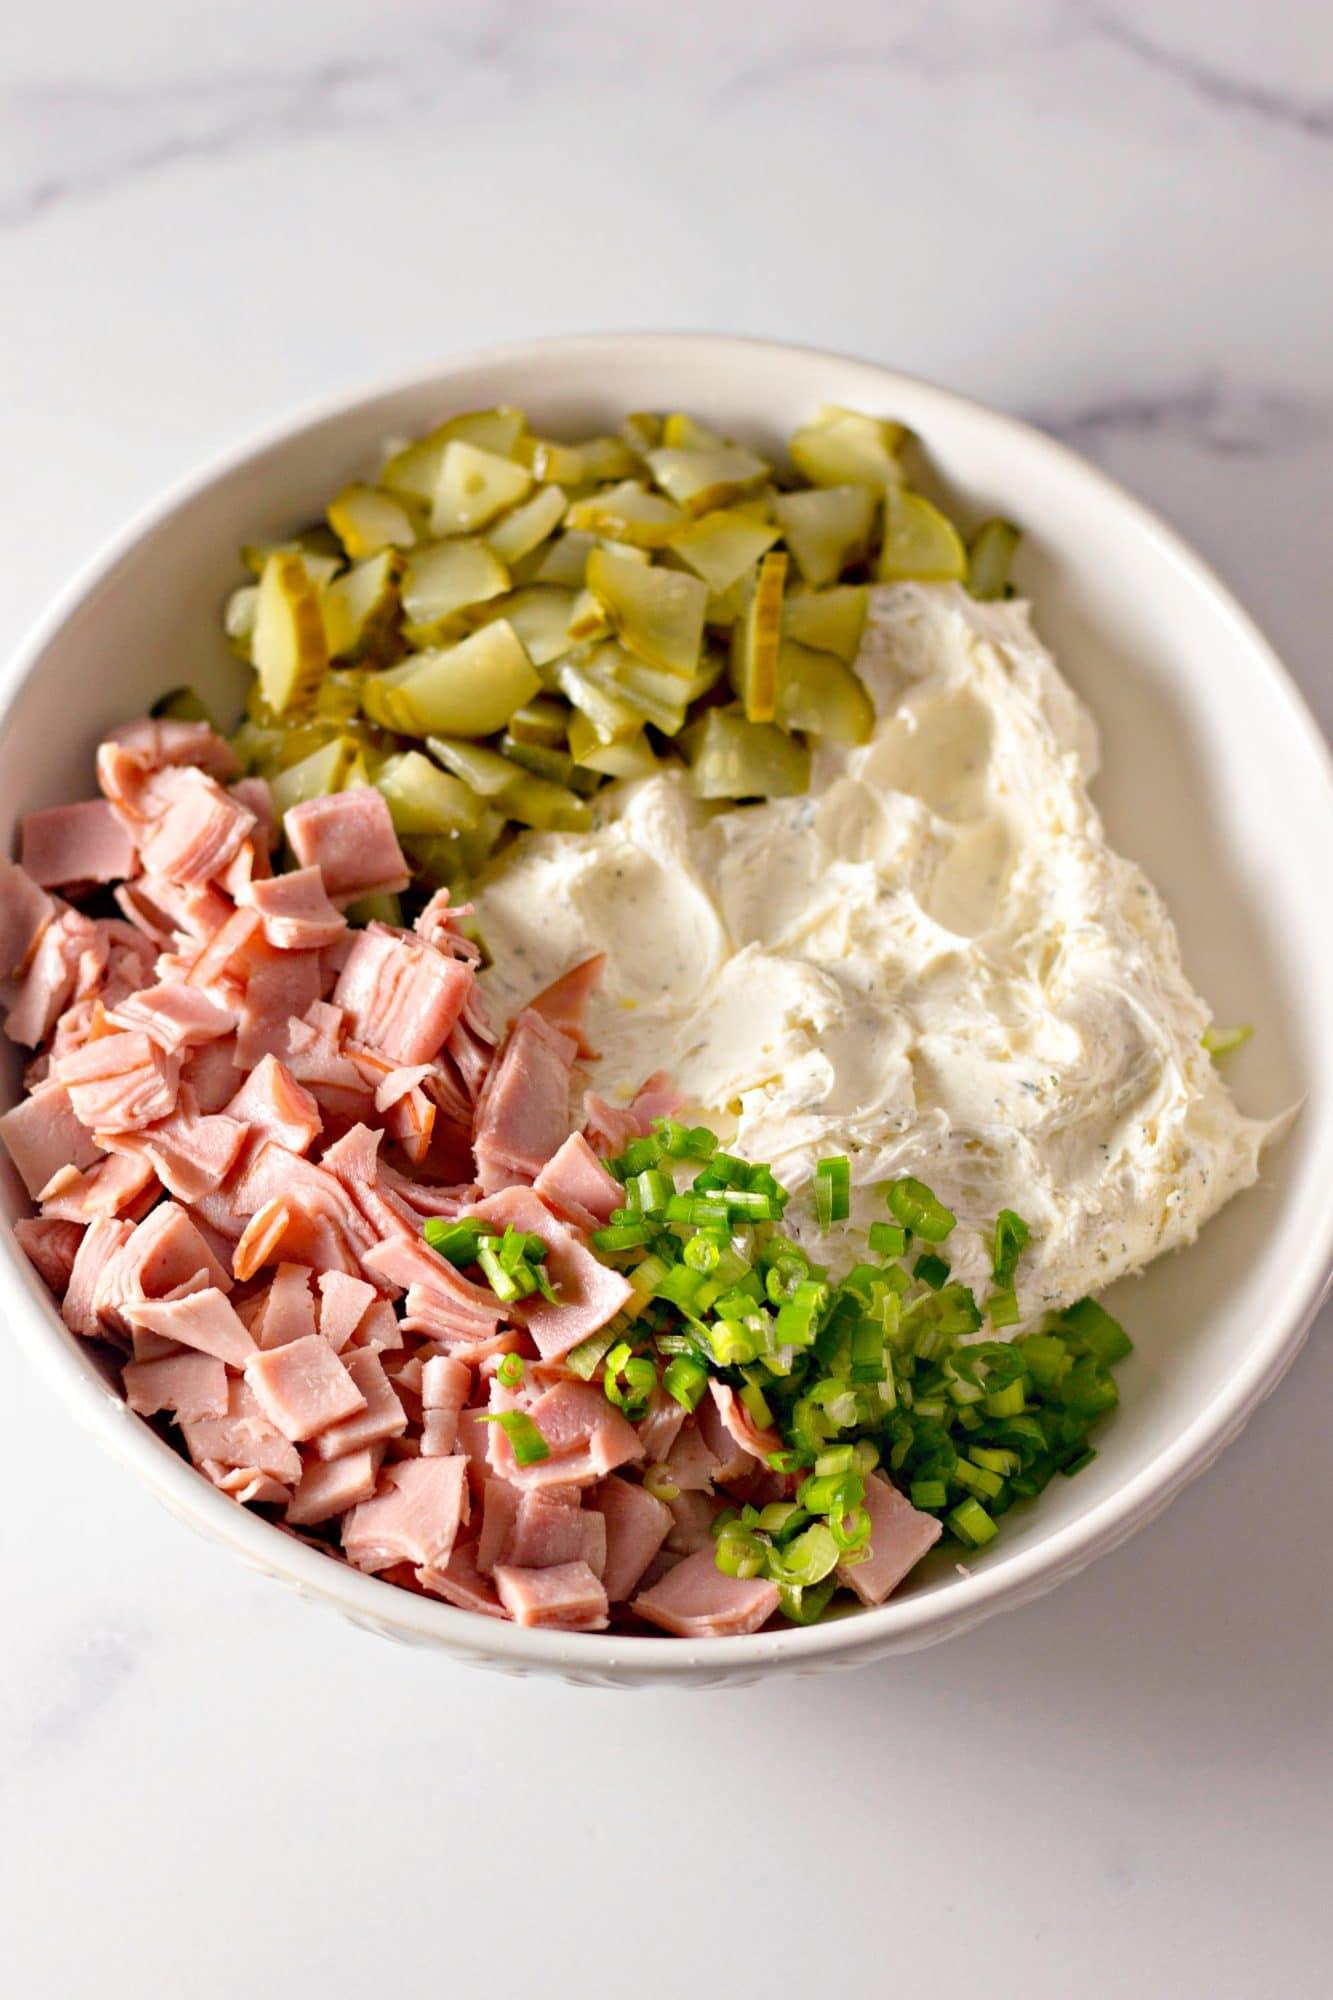 pickle ham dip ingredients in bowl